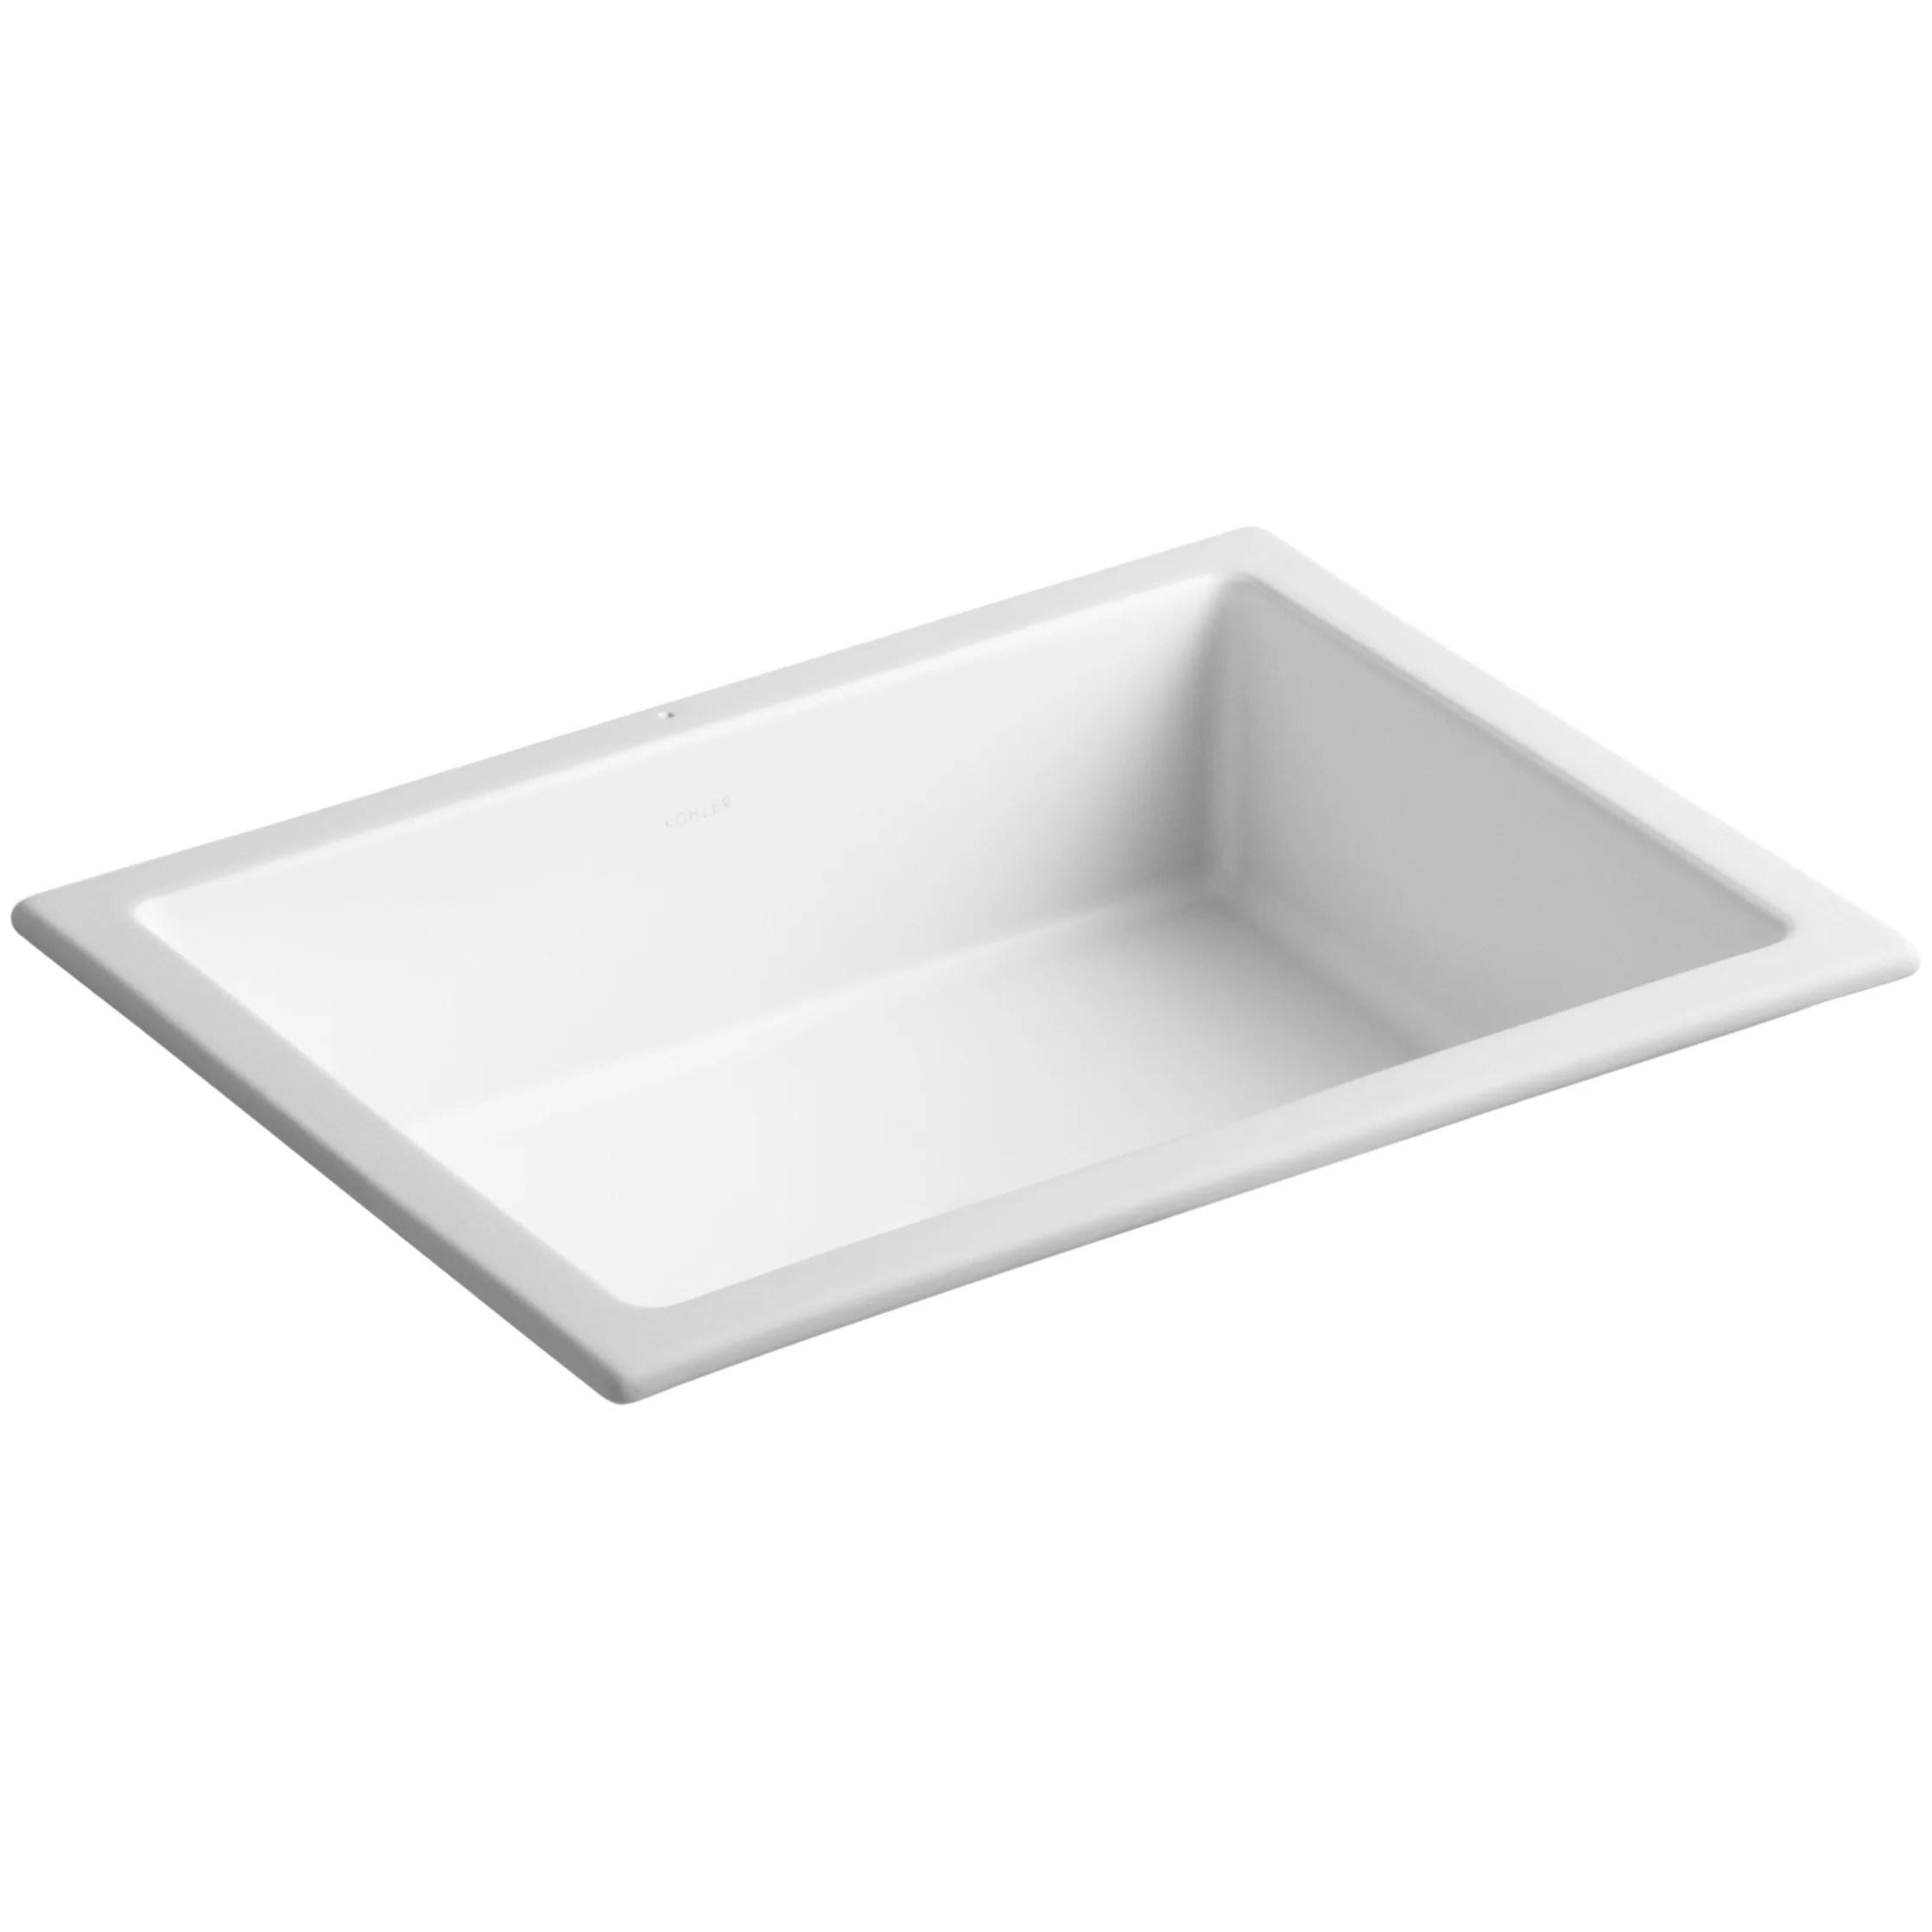 Kohler Verticyl Rectangular Undermount Bathroom Sink with